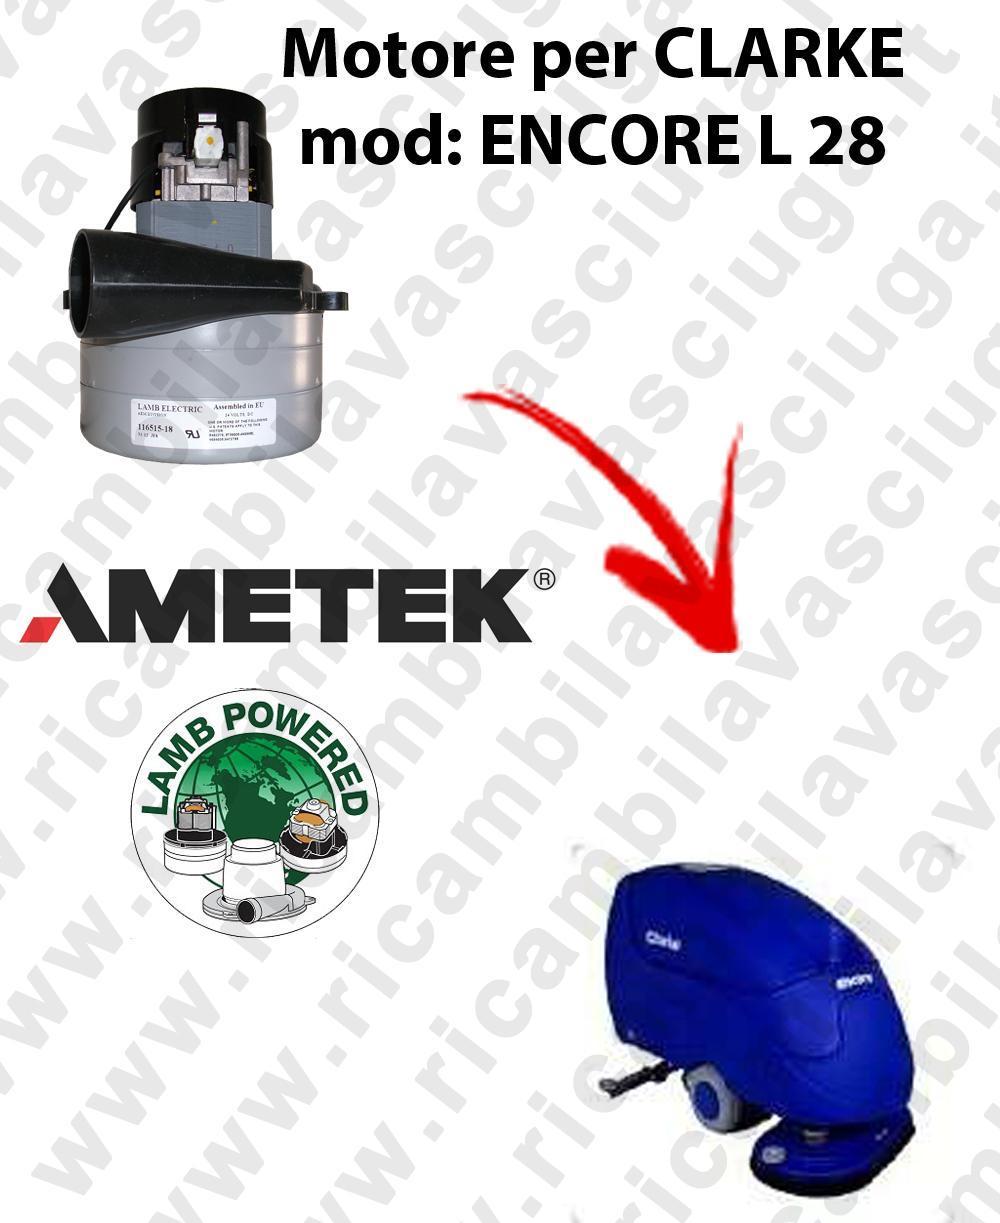 ENCORE L 28 Saugmotor LAMB AMETEK für scheuersaugmaschinen CLARKE